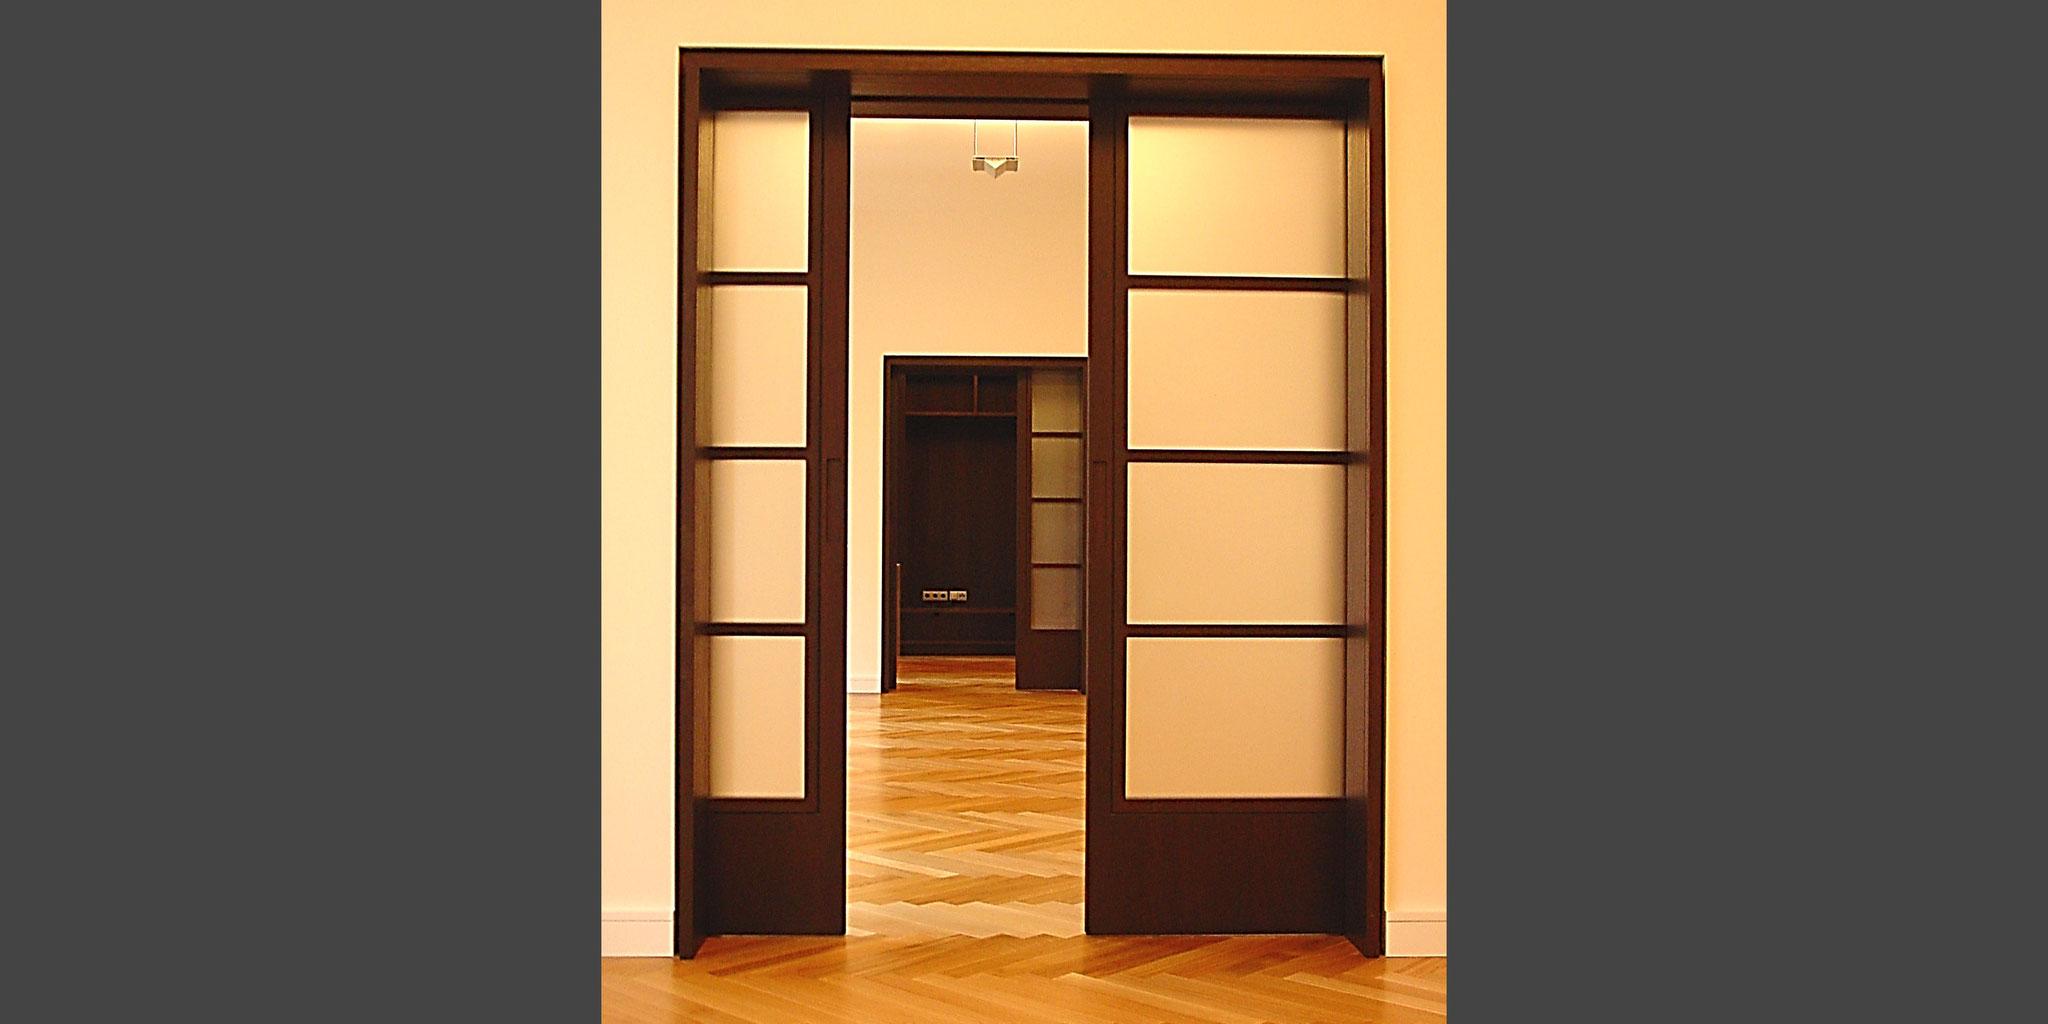 Architekten Frankfurt – Umbau Altbauwohnung in Frankfurt Bockenheim, Architekturbüro Frick.Reichert Architekten